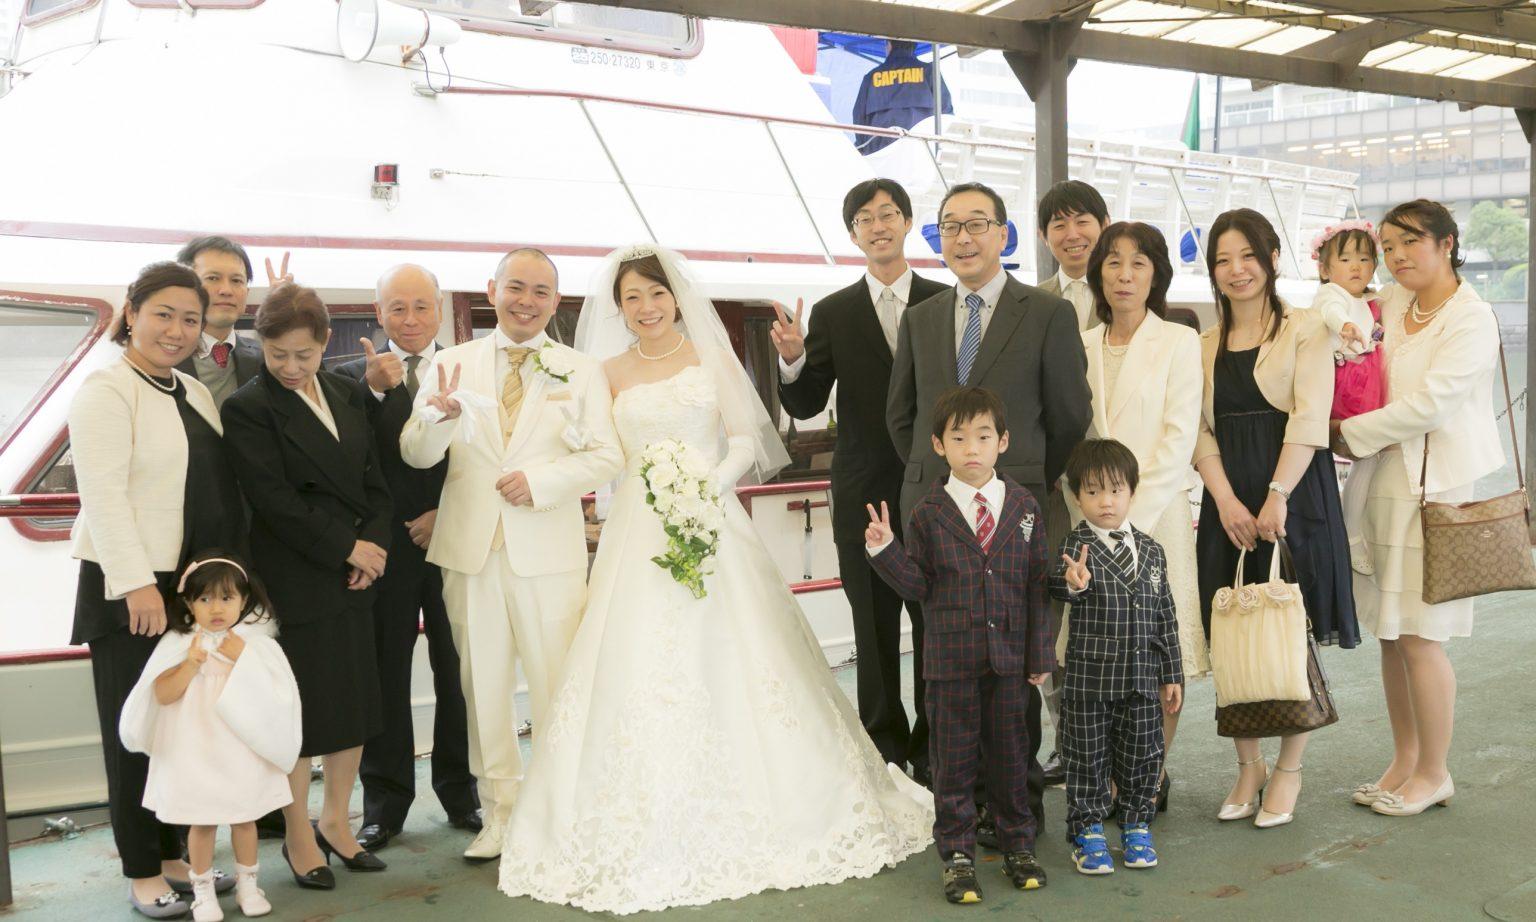 純白ウエディングドレスの新郎新婦とご家族